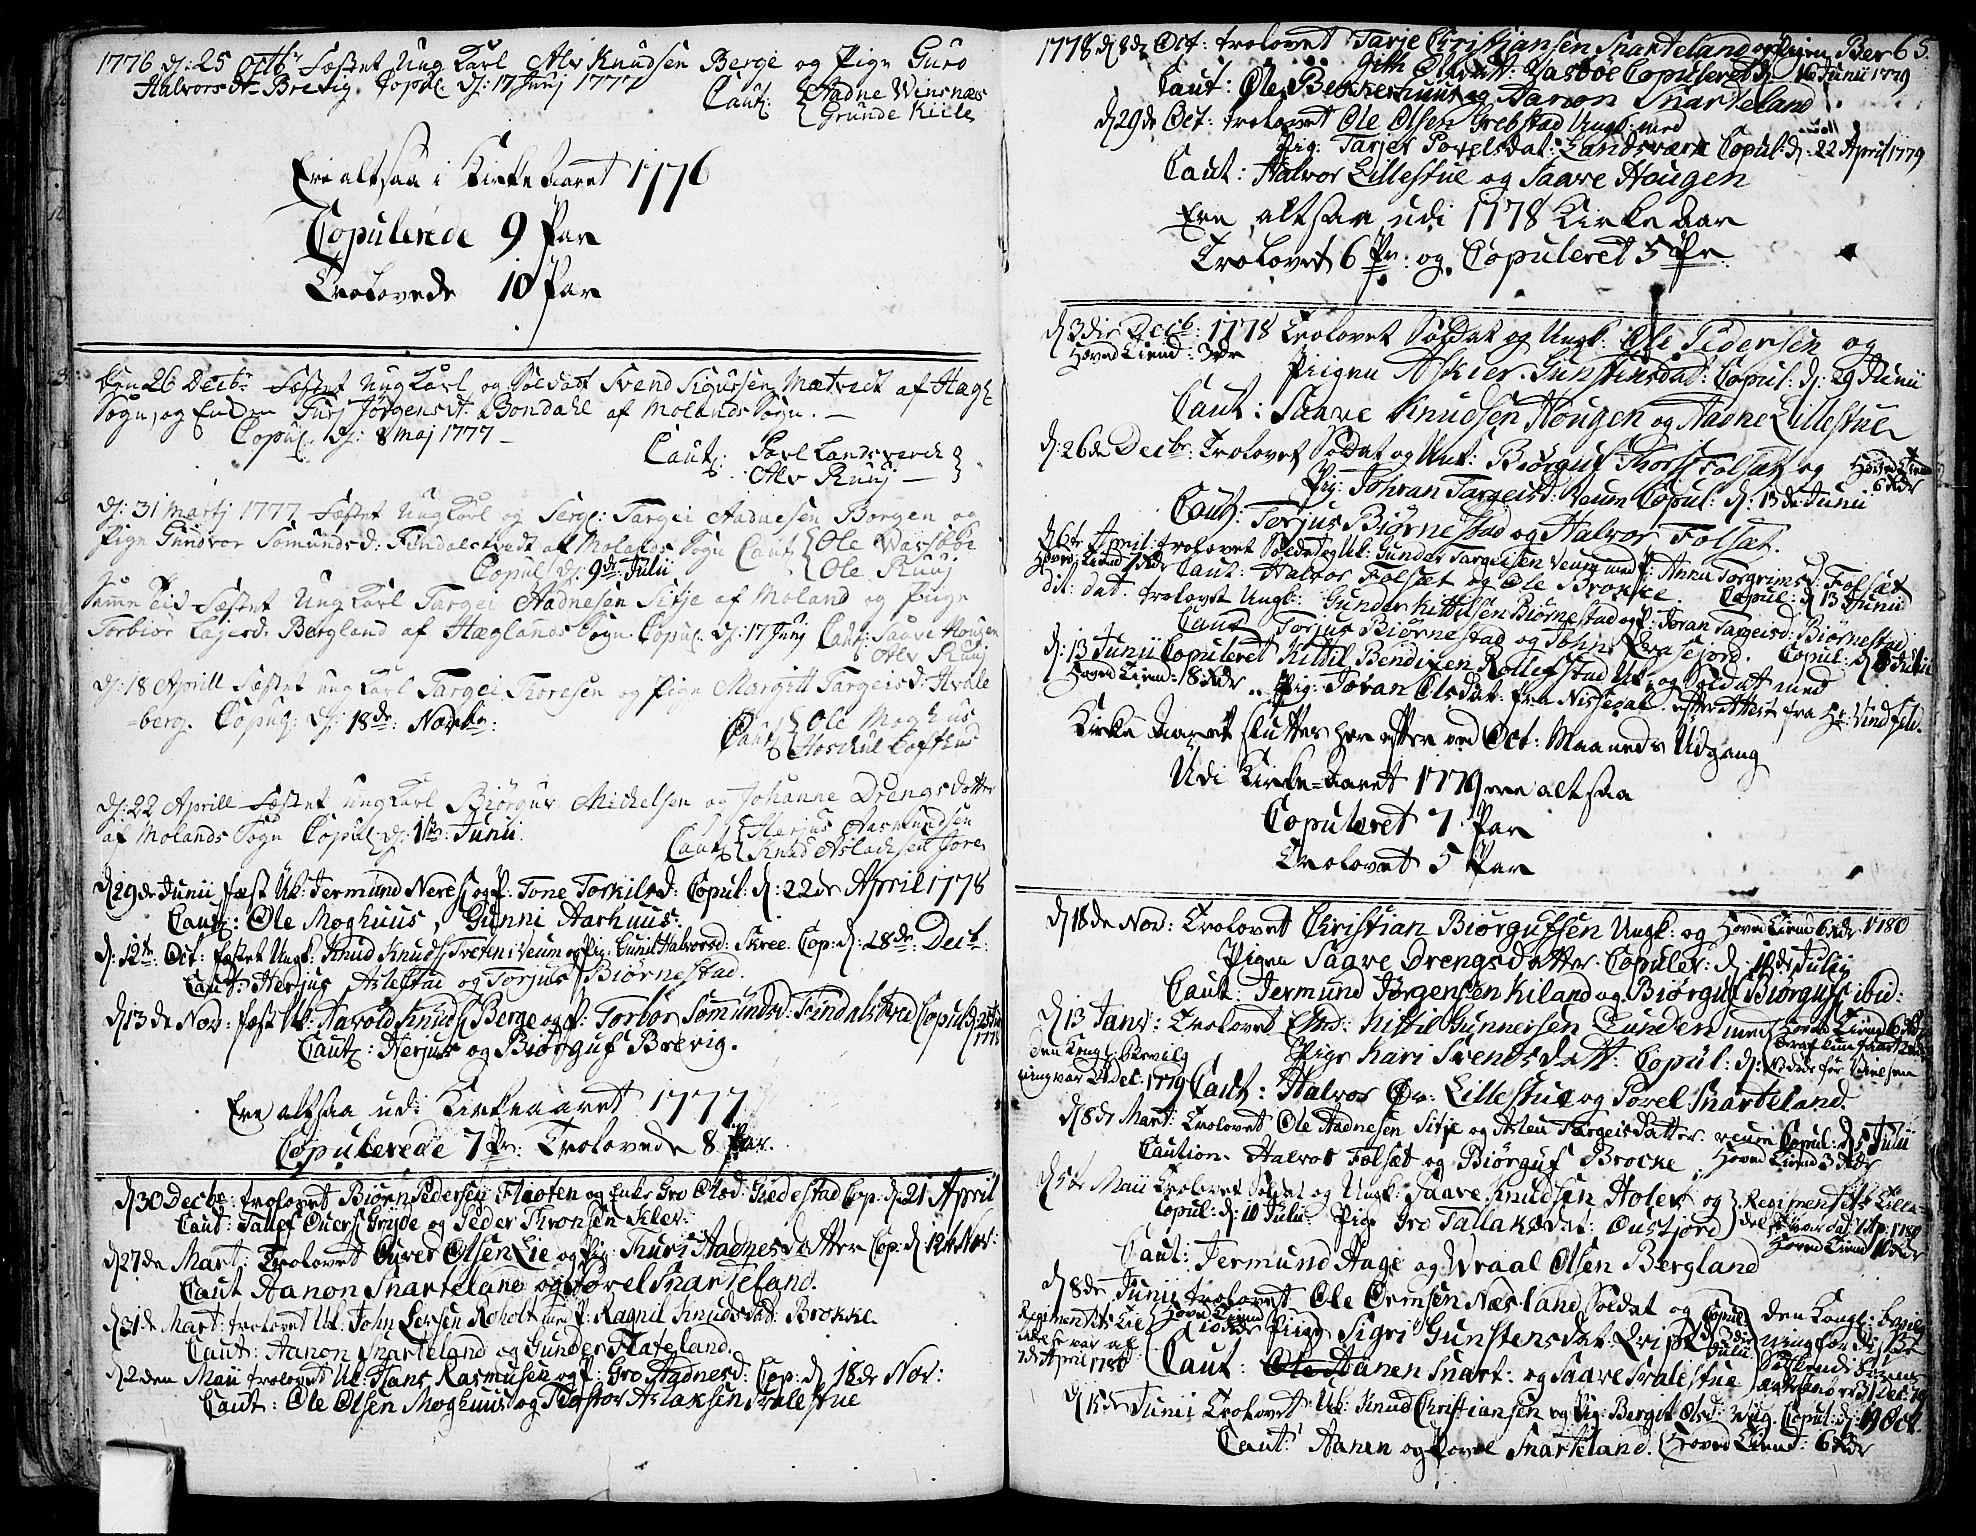 SAKO, Fyresdal kirkebøker, F/Fa/L0002: Ministerialbok nr. I 2, 1769-1814, s. 65